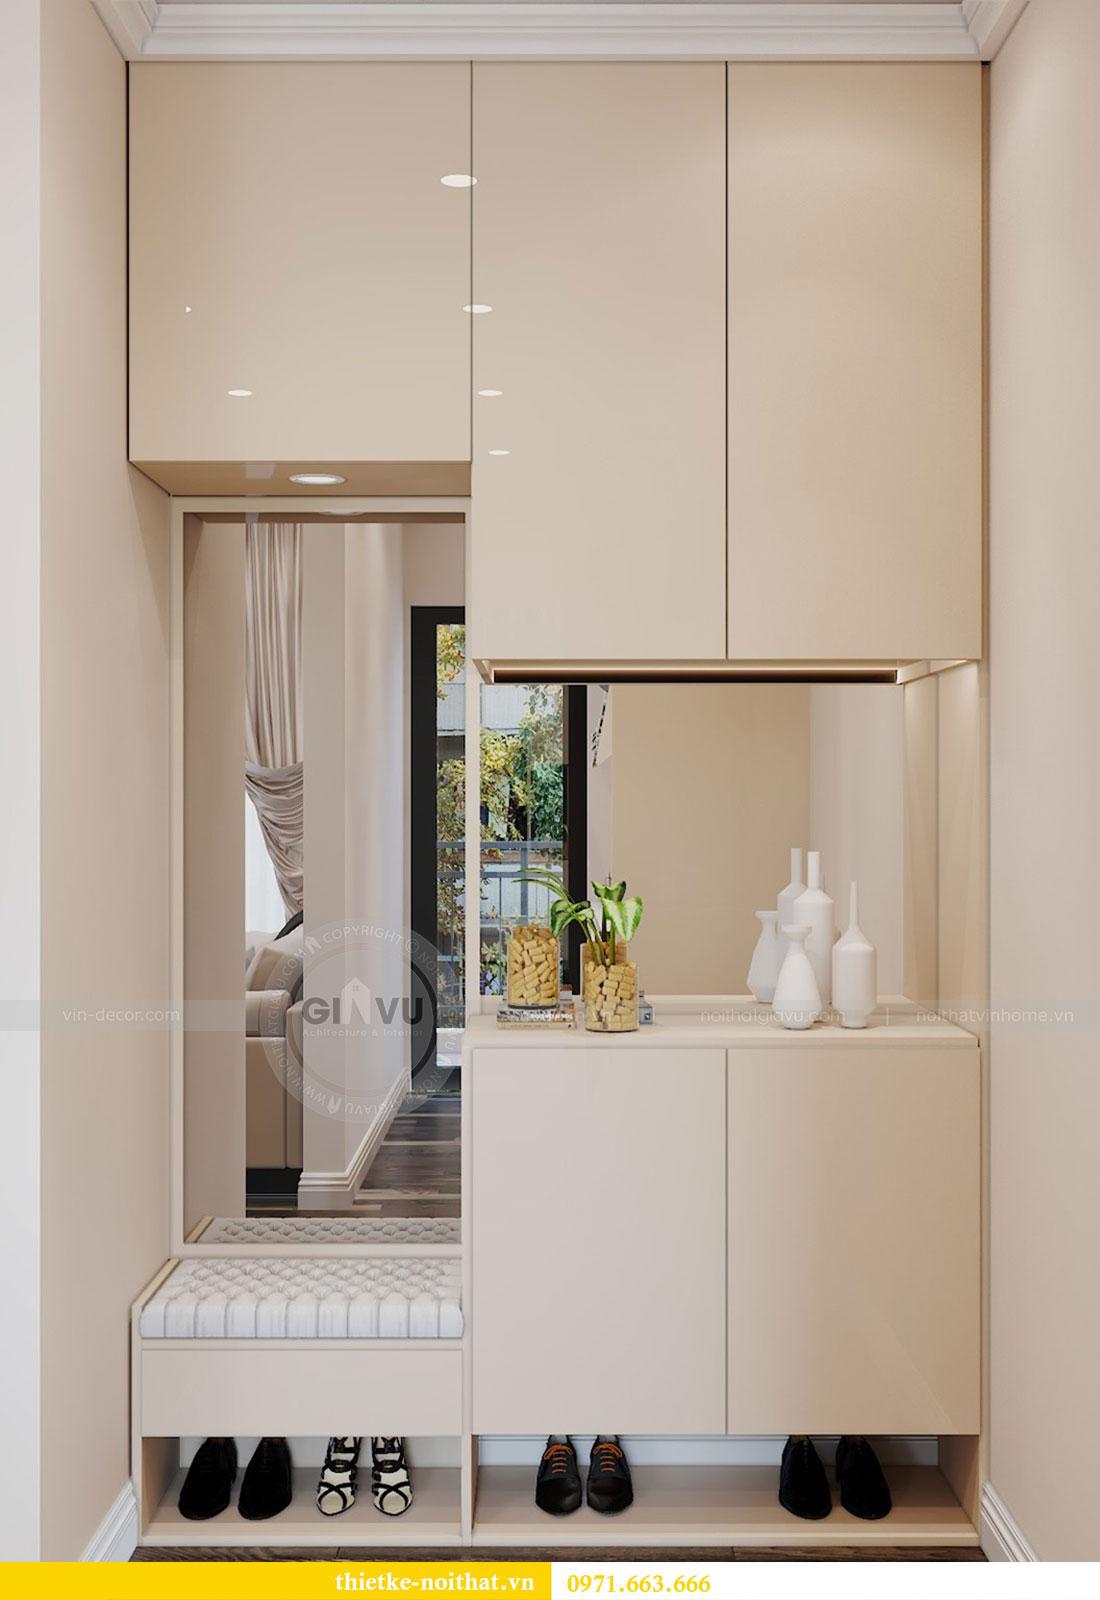 Thiết kế nội thất chung cư tại Dcapitale tòa C109 - chị Huyền 1